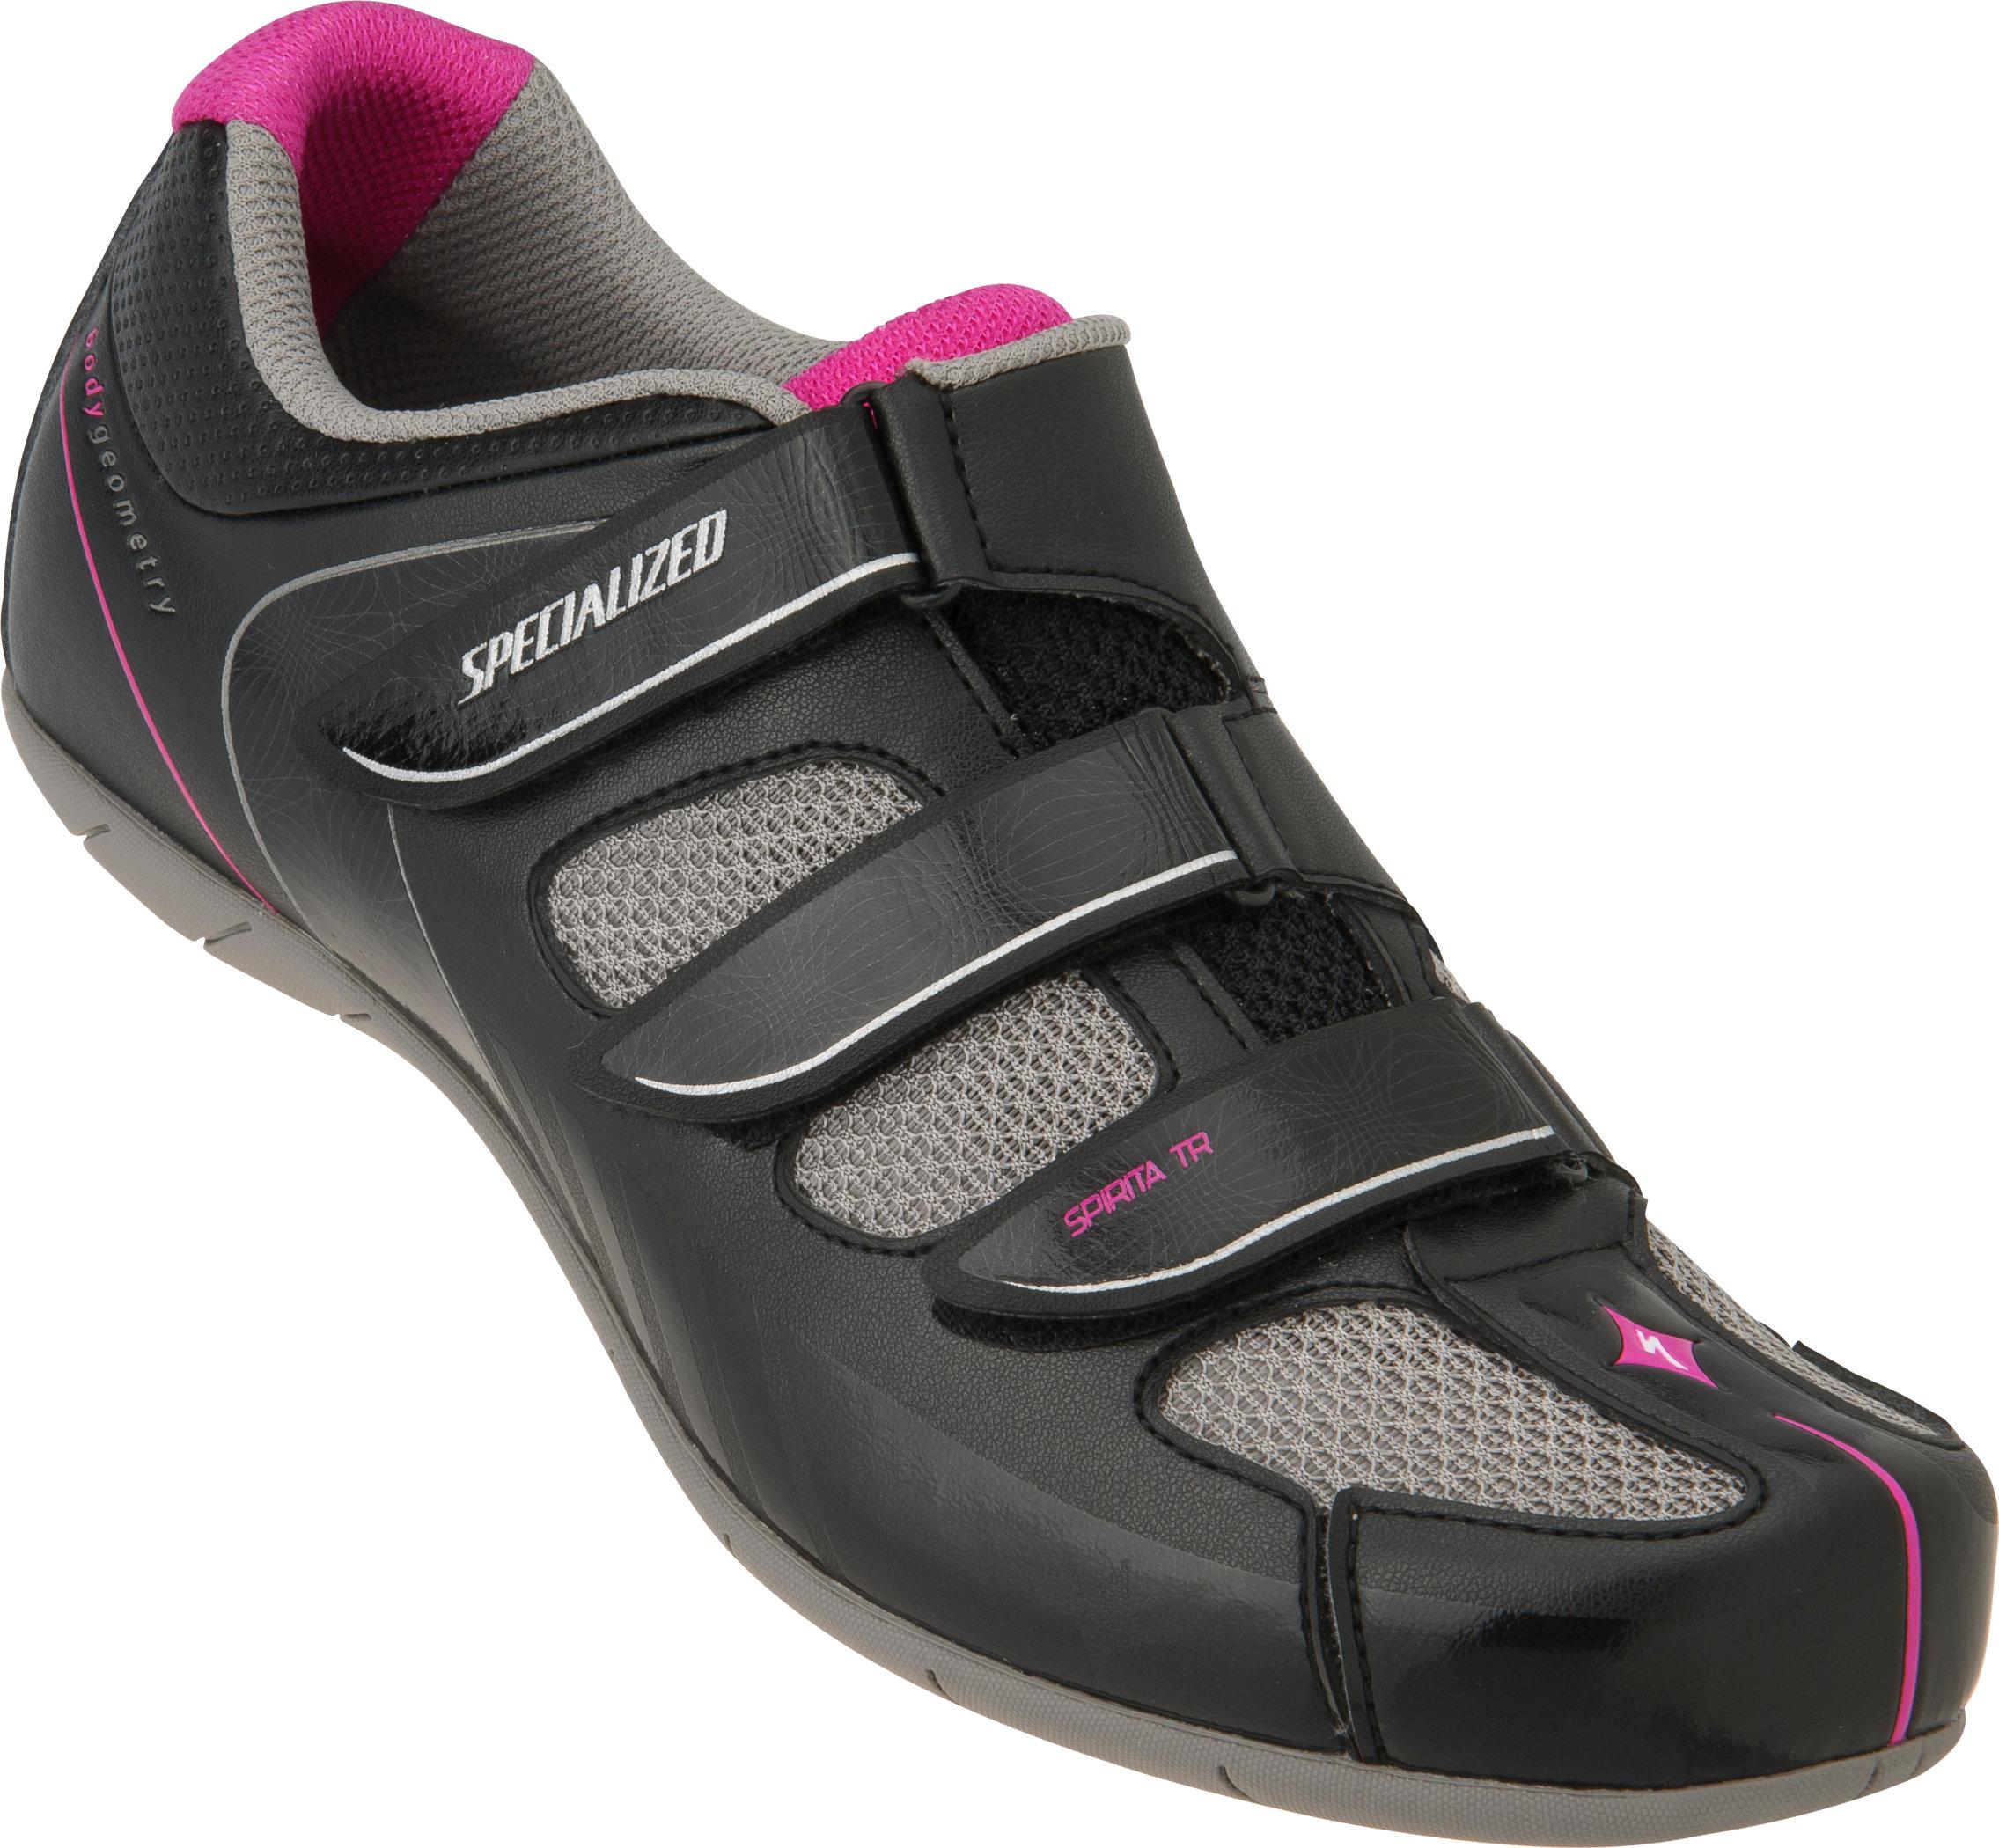 Specialized Women's Spirita RBX Shoe